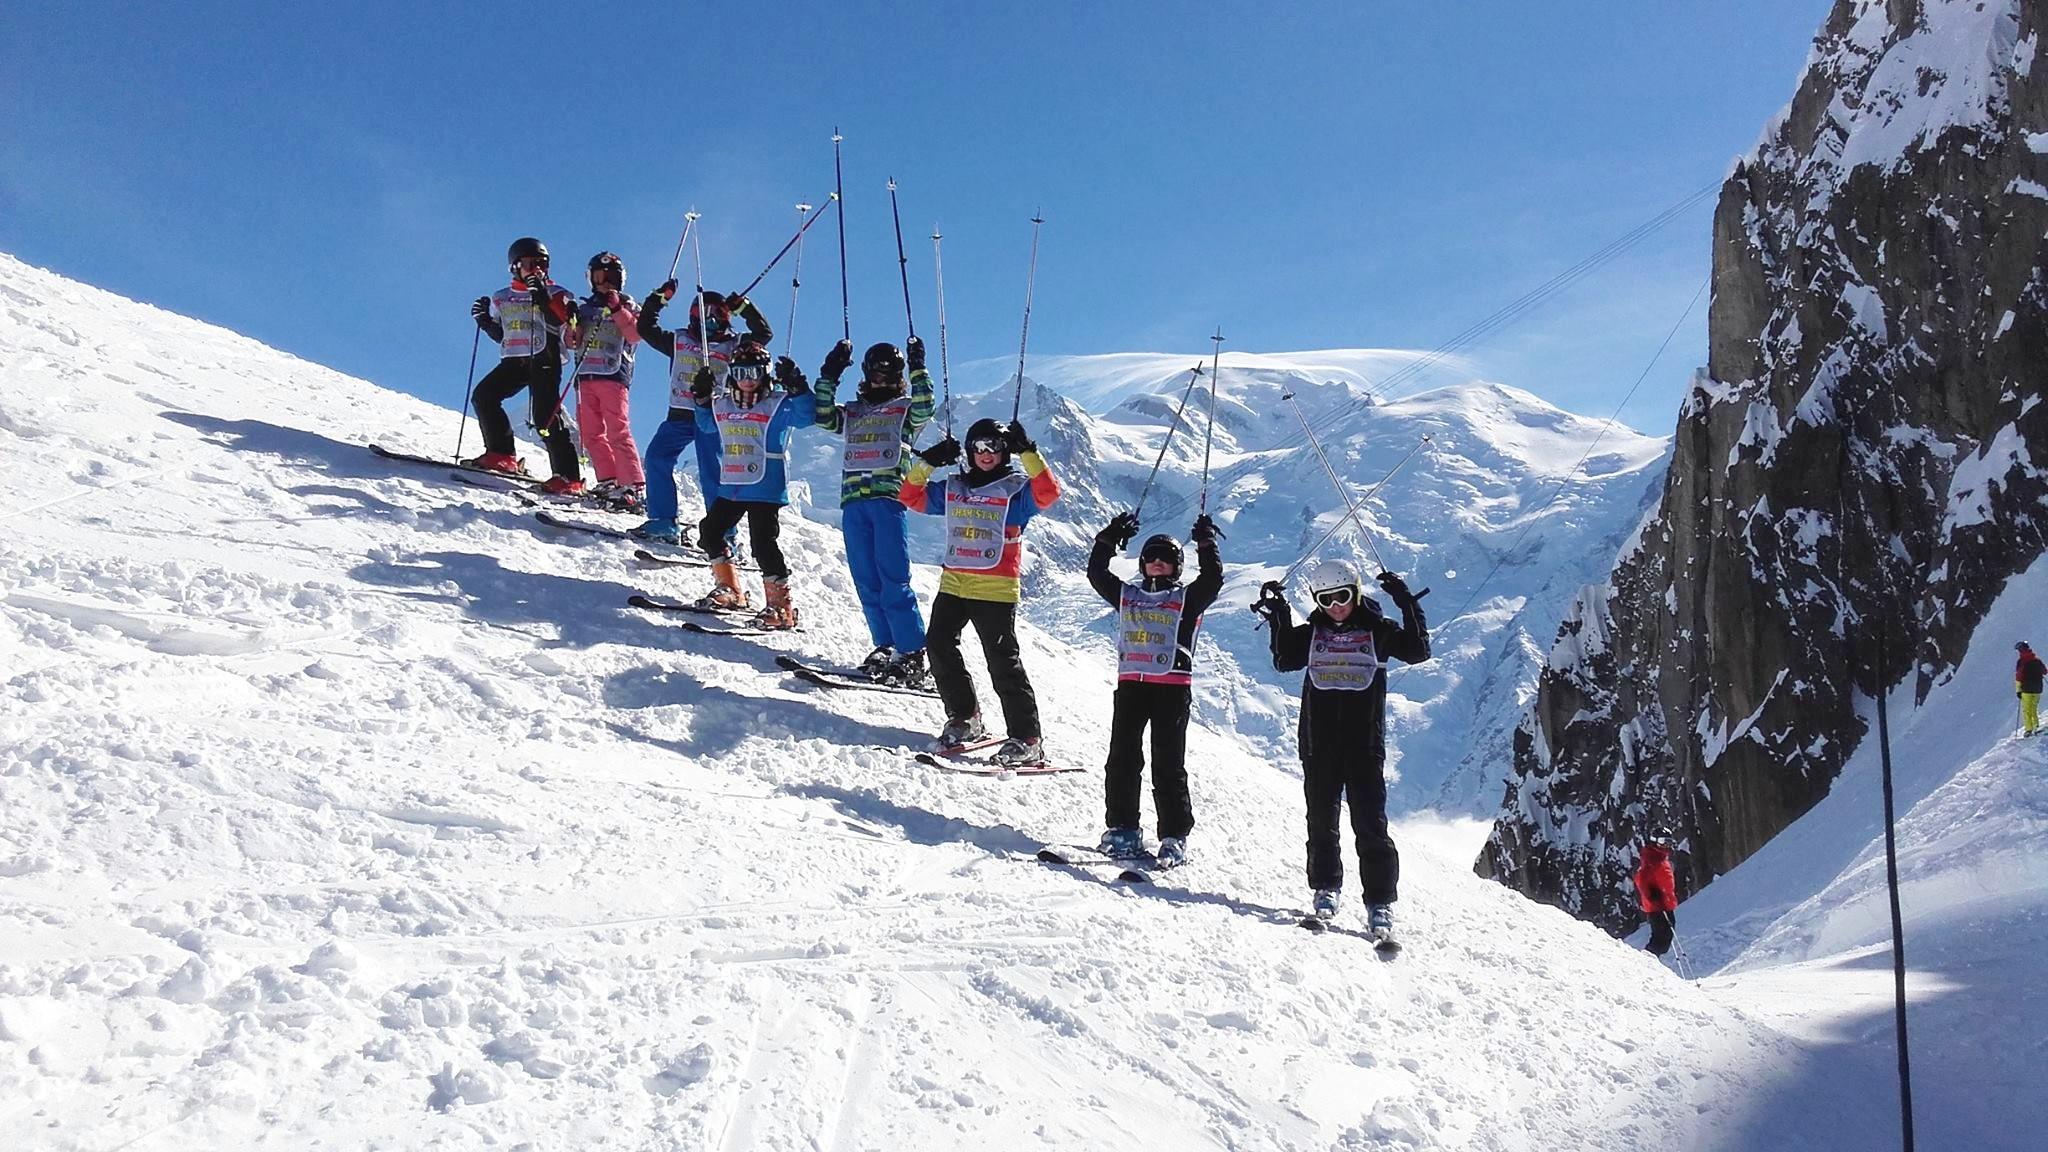 Cours de ski Enfants (5-12 ans) à Chamonix/Brévent